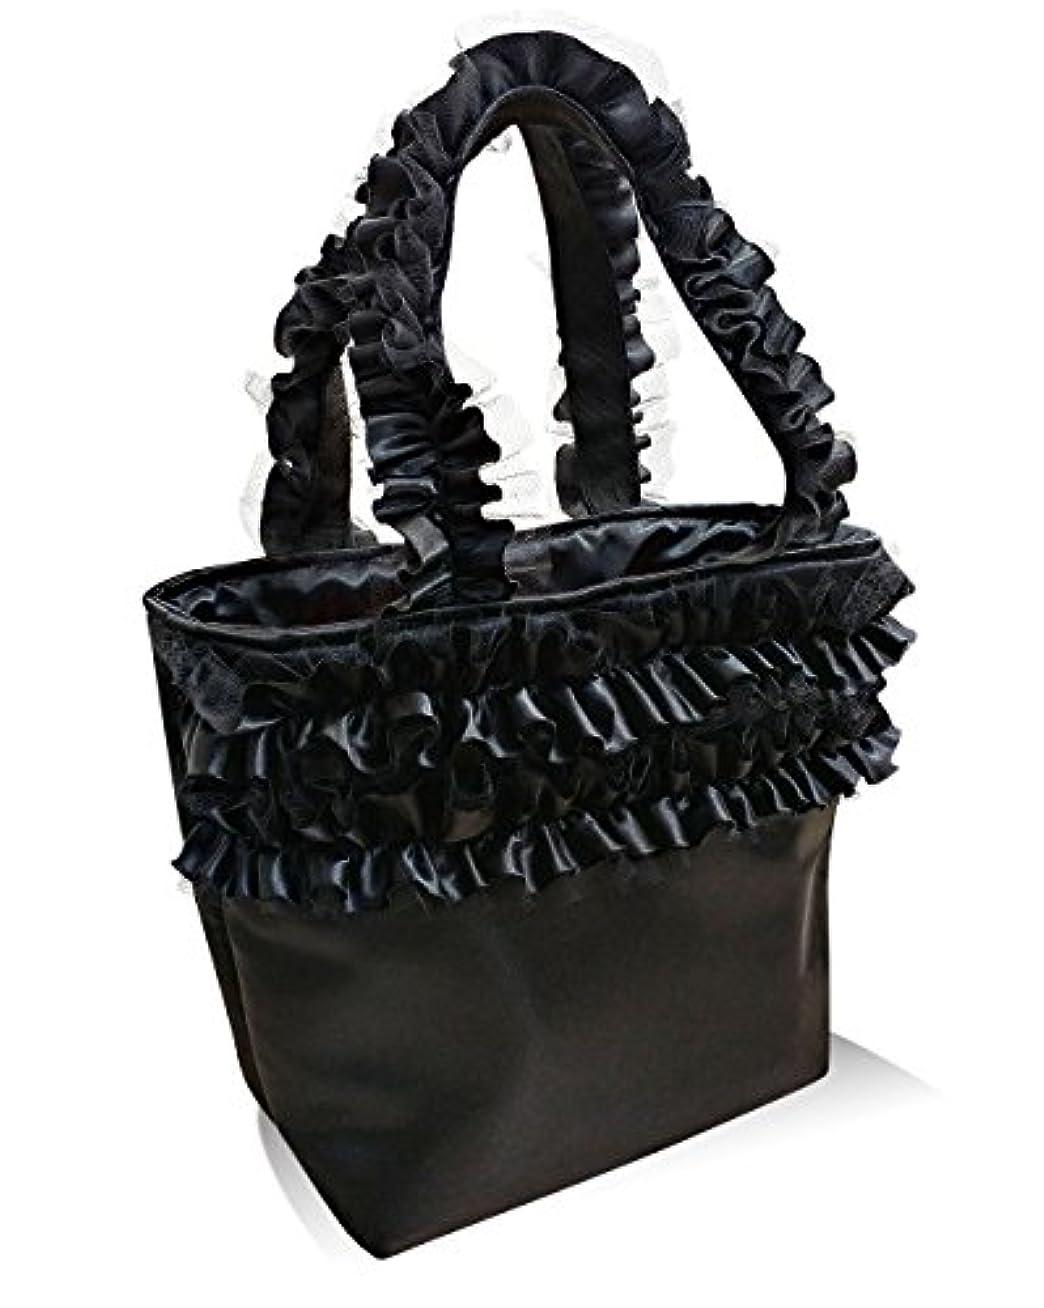 乏しいスプーン大使トートバッグ 通勤バッグ 通学バッグ レディースバッグ フリルハンドルバッグ バッグ おしゃれトート 日本製 ジュリエットトートバッグ